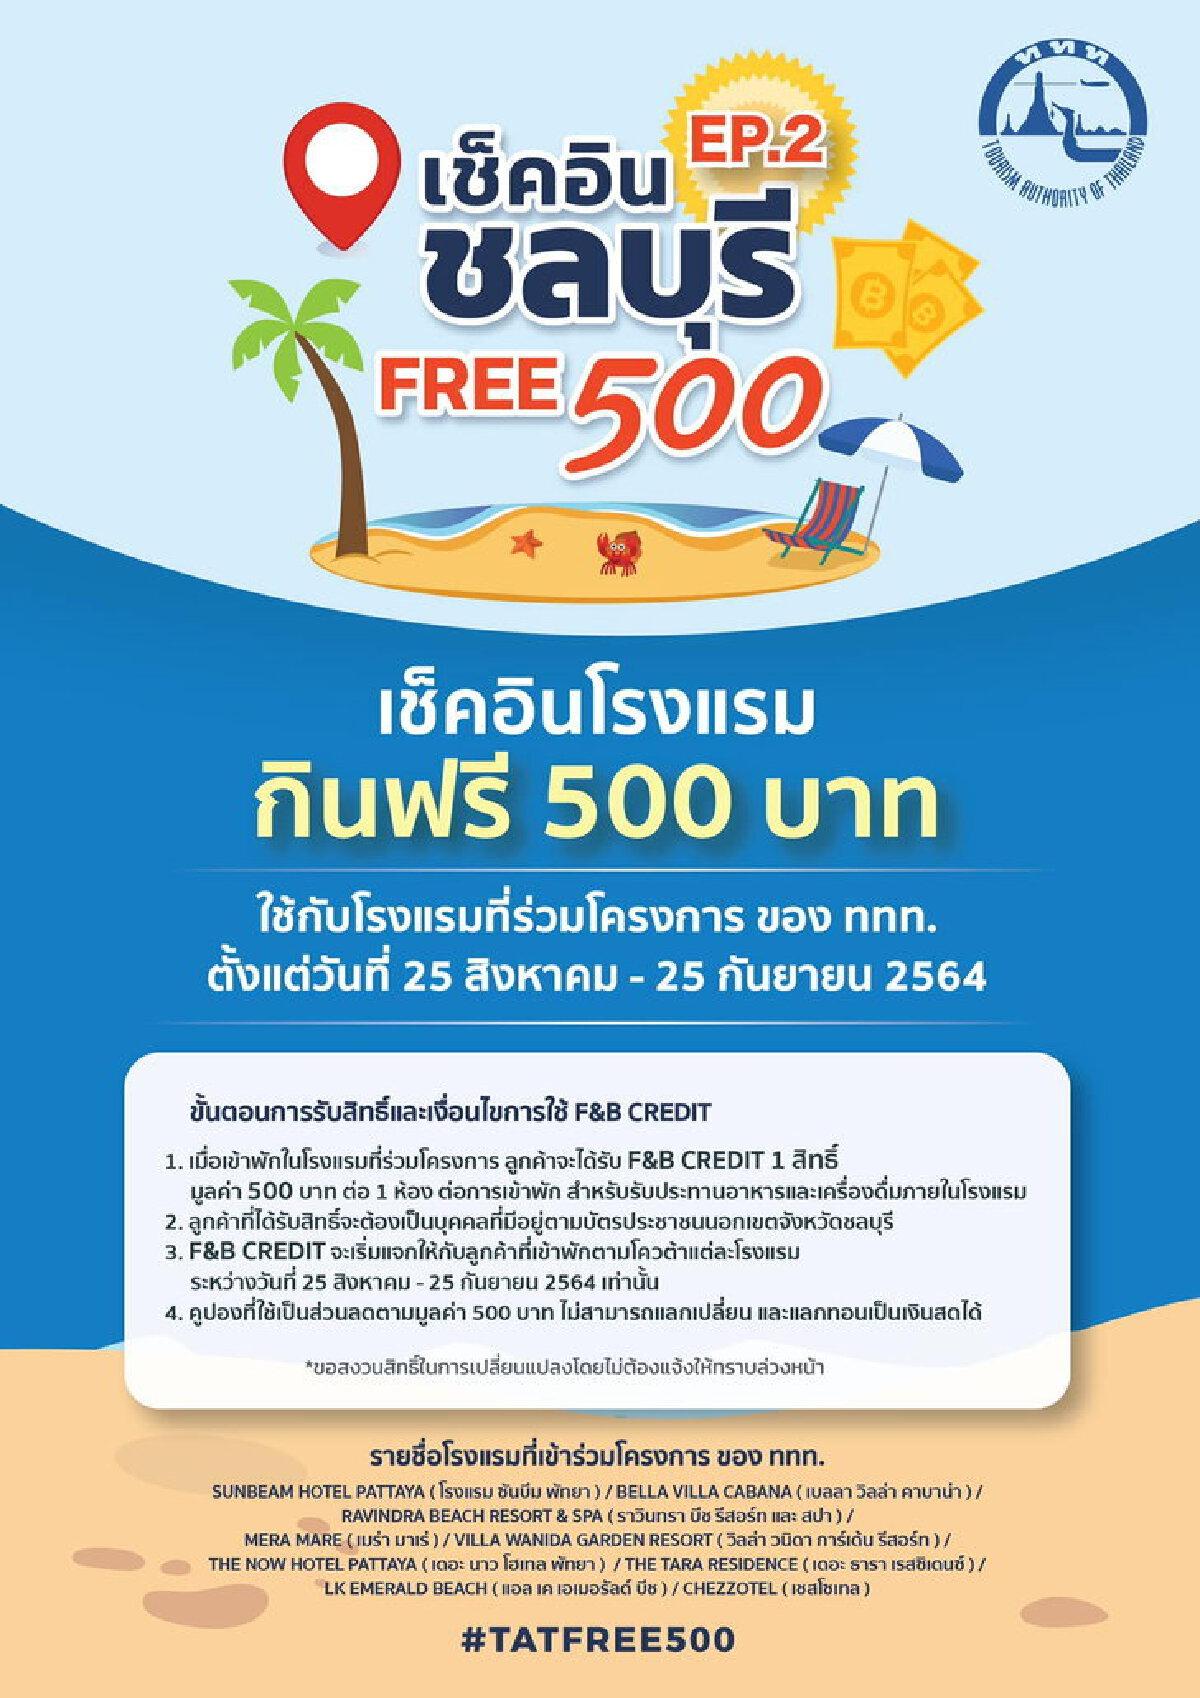 """""""เช็กอิน ชลบุรี FREE 500"""" เช็กอินโรงแรม กินฟรี 500 ตั้งแต่ 25 ส.ค.-25 ก.ย.64"""